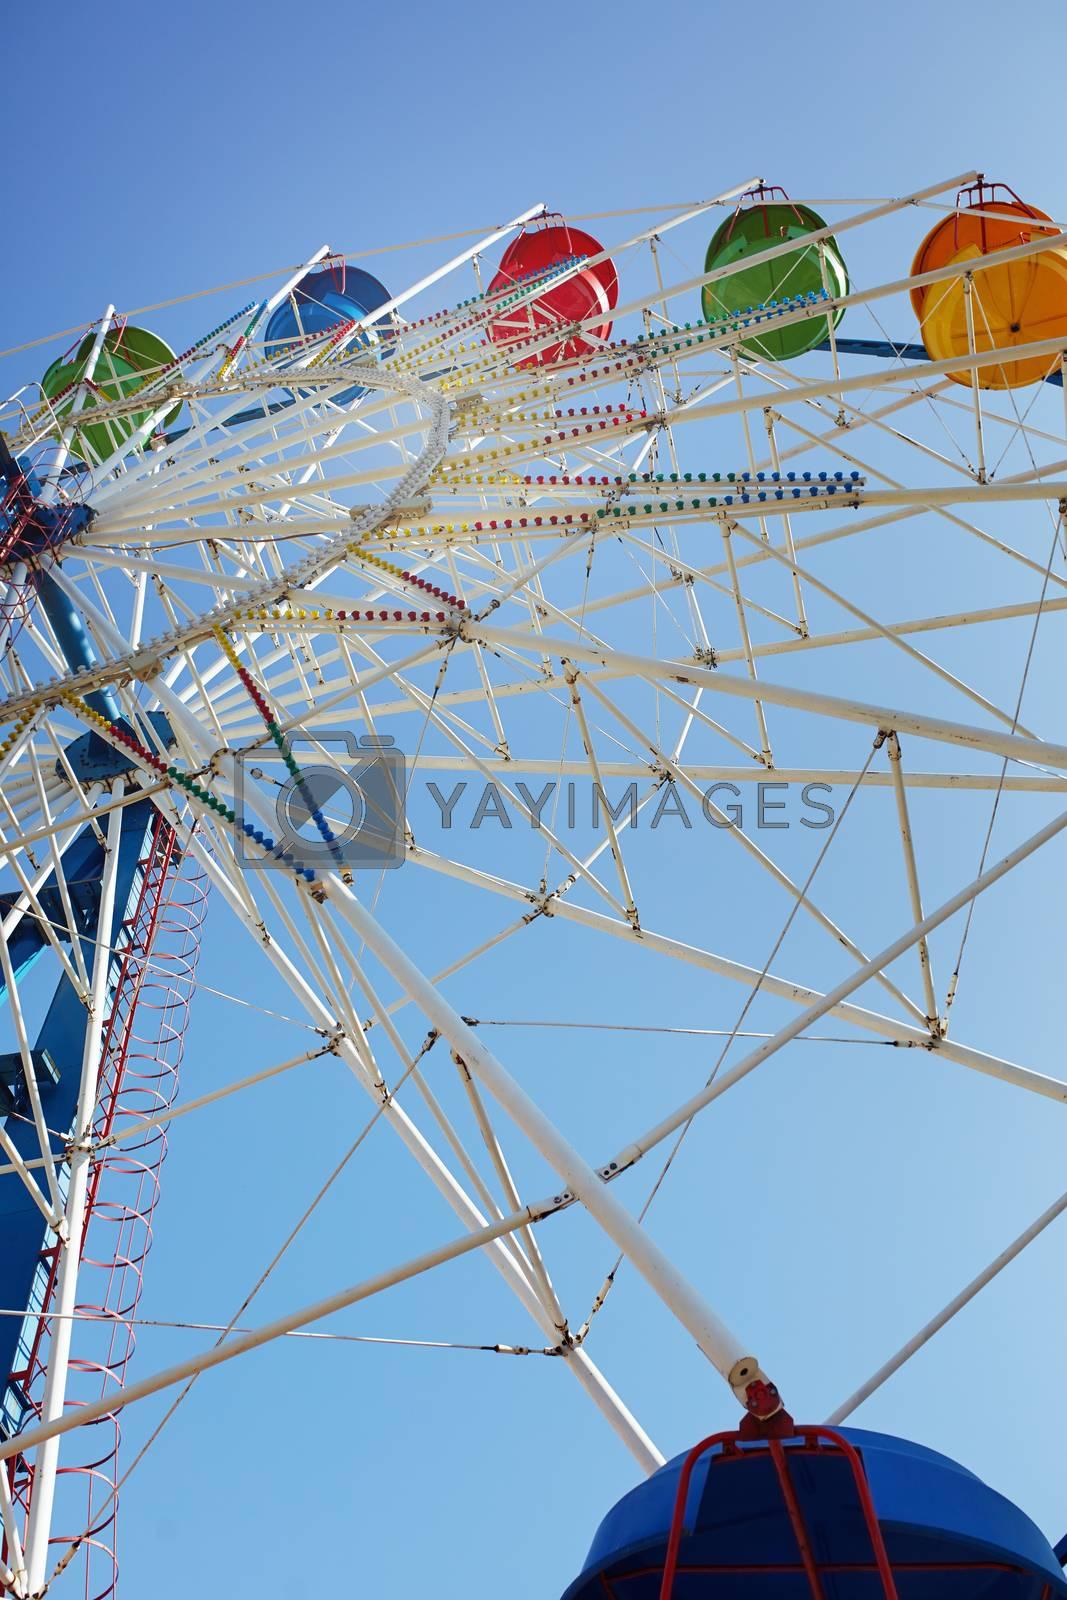 Ferris wheel in public amusement park. Low angle view